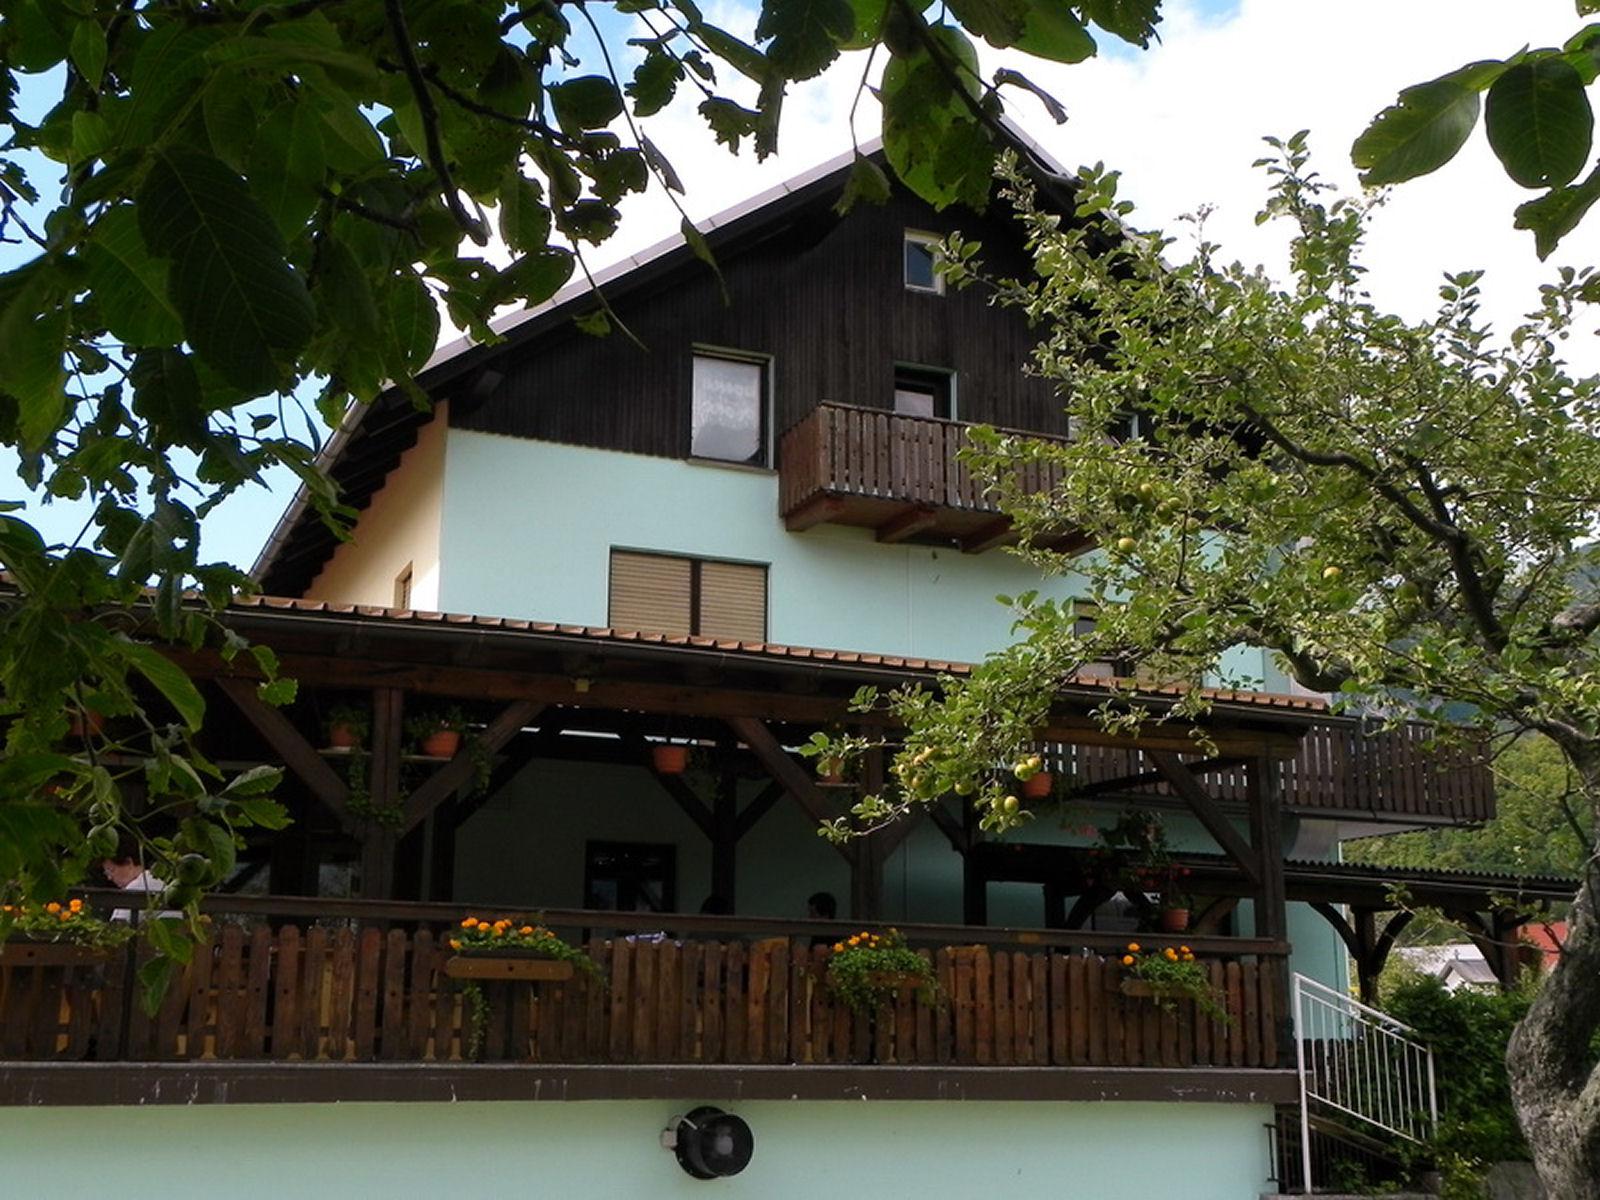 restaurant-knafel-zirovnica-04